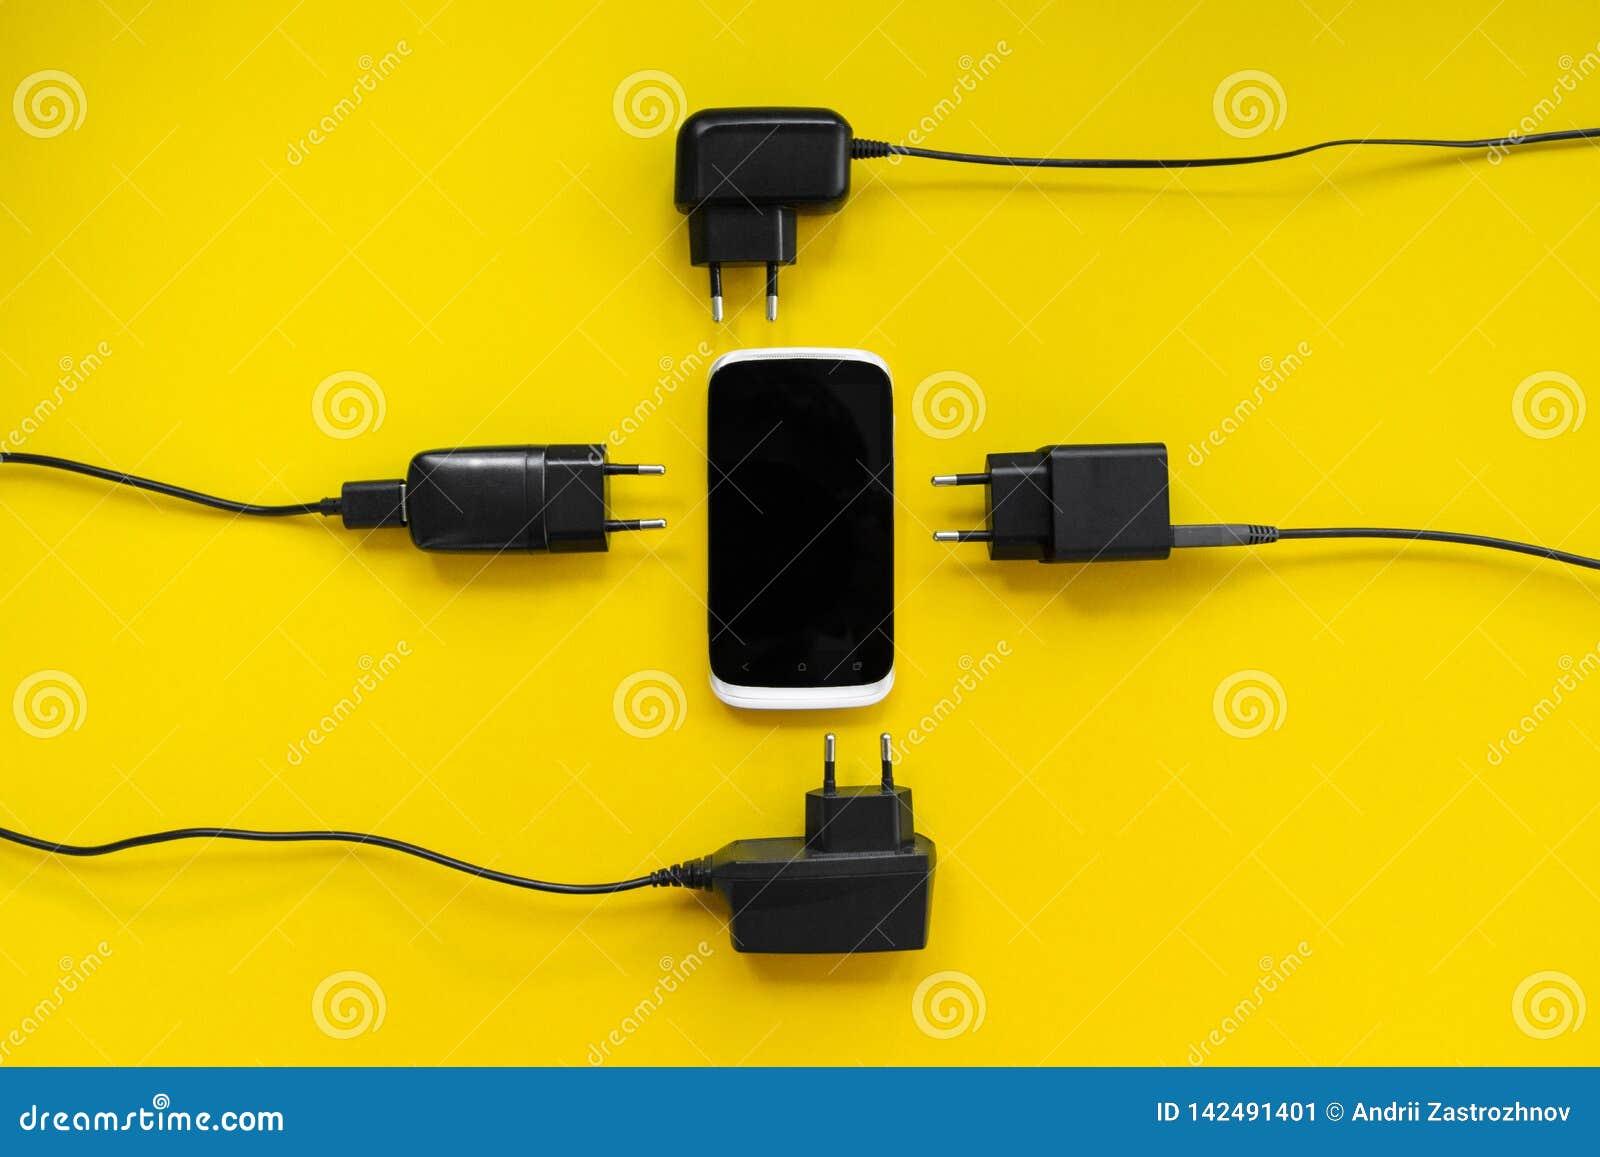 Smartphone et chargeurs autour sur un fond jaune, concept